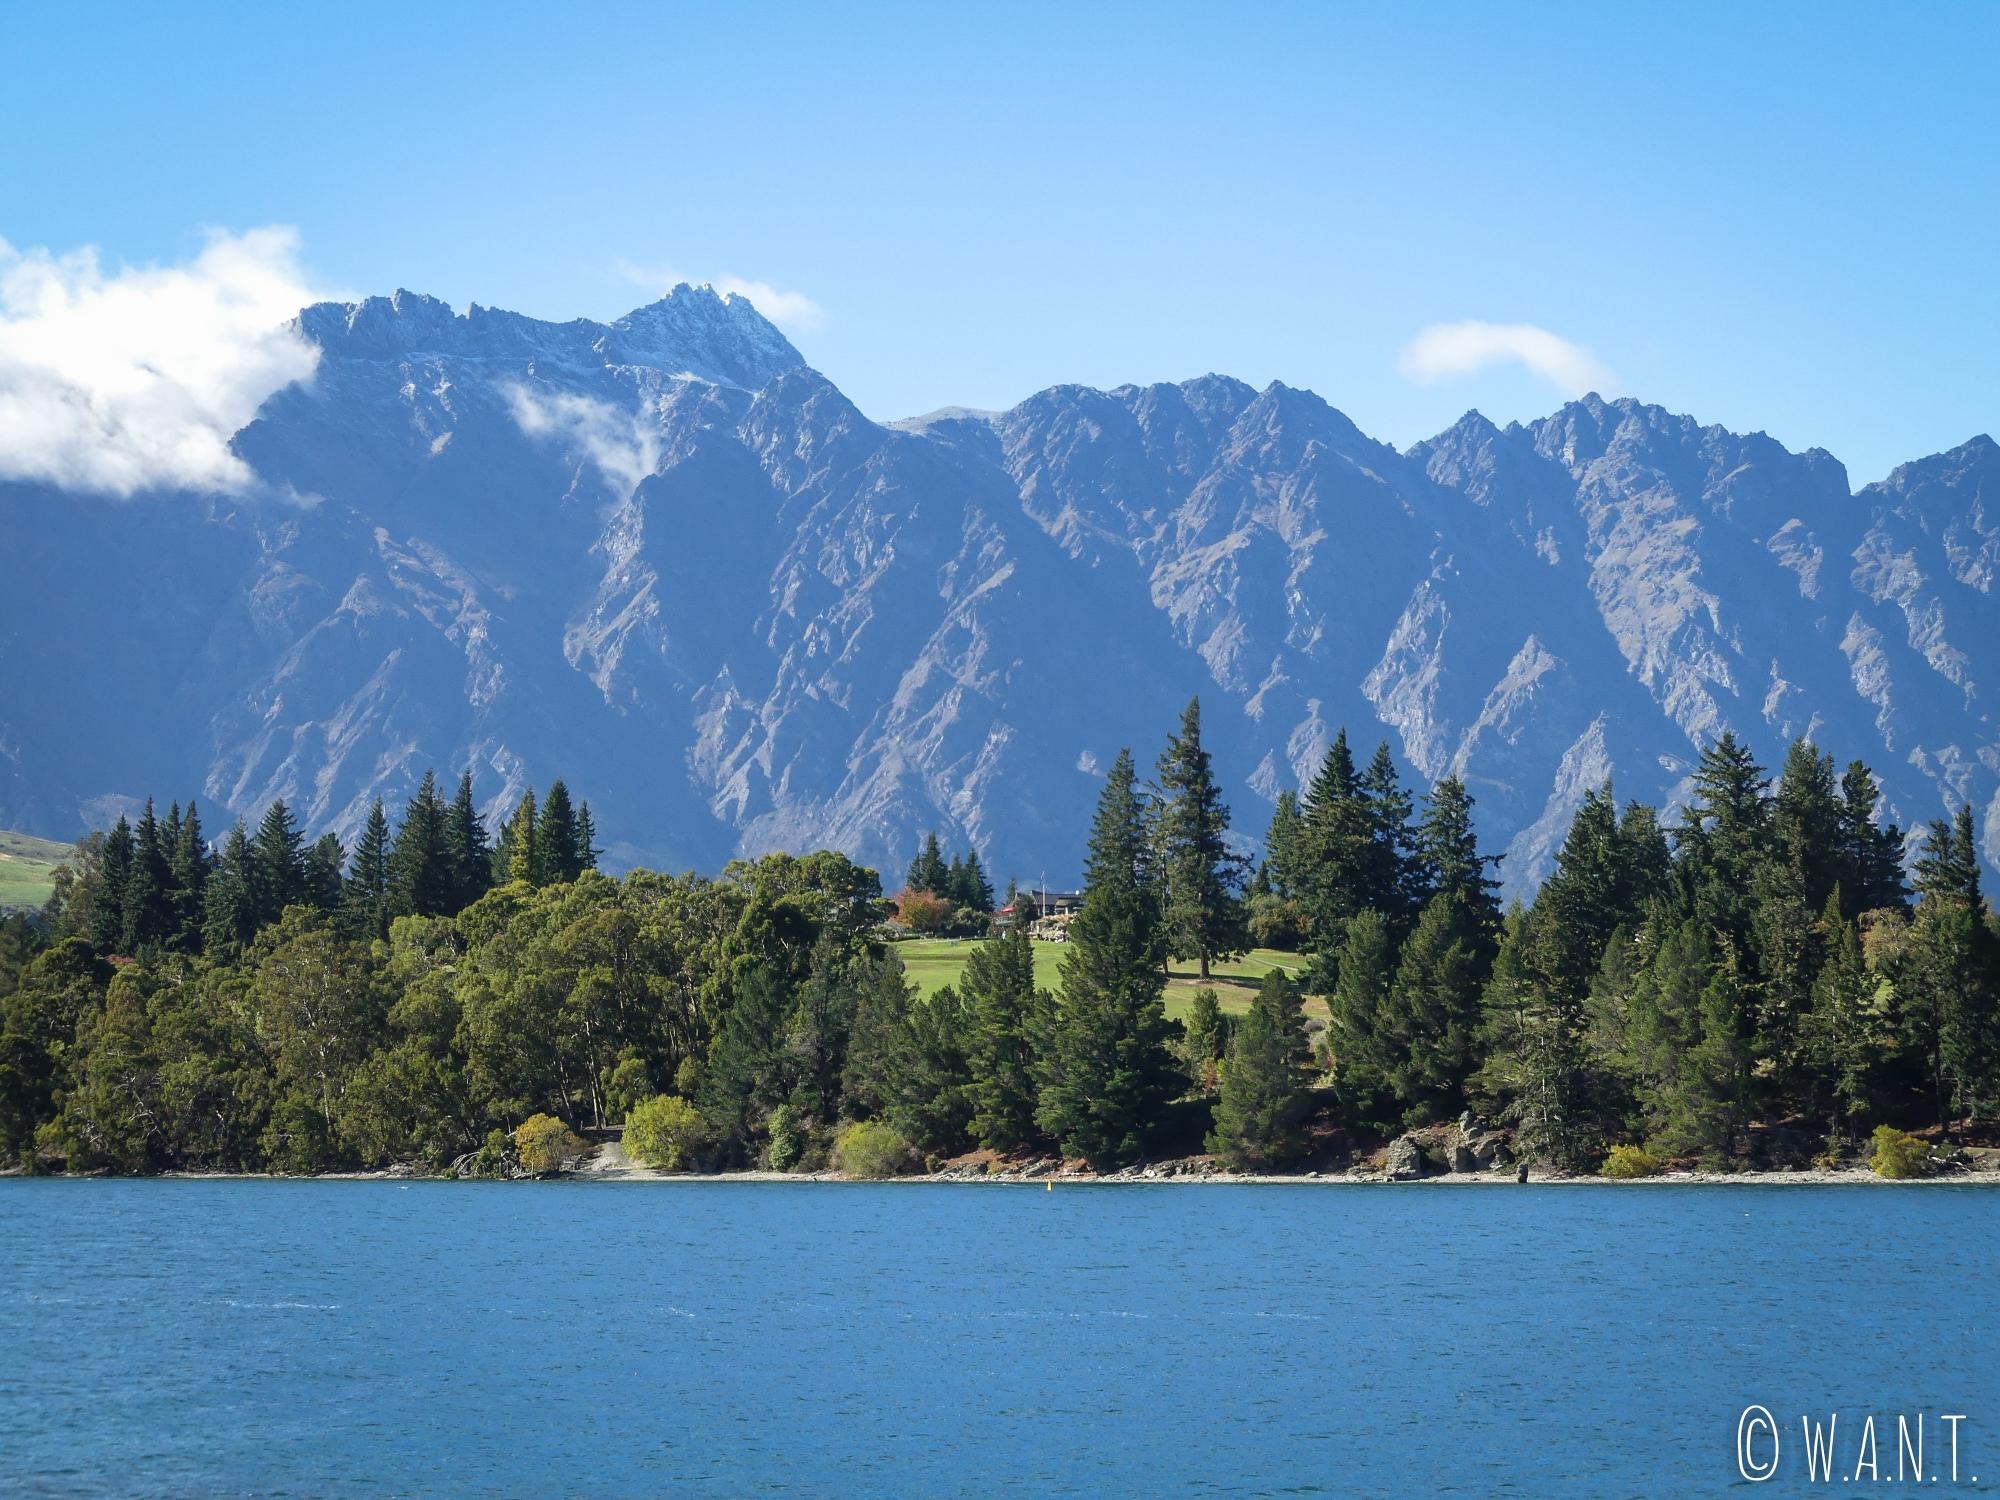 Vue depuis le Queenstown Gardens sur la chaîne des Remarkables en Nouvelle-Zélande